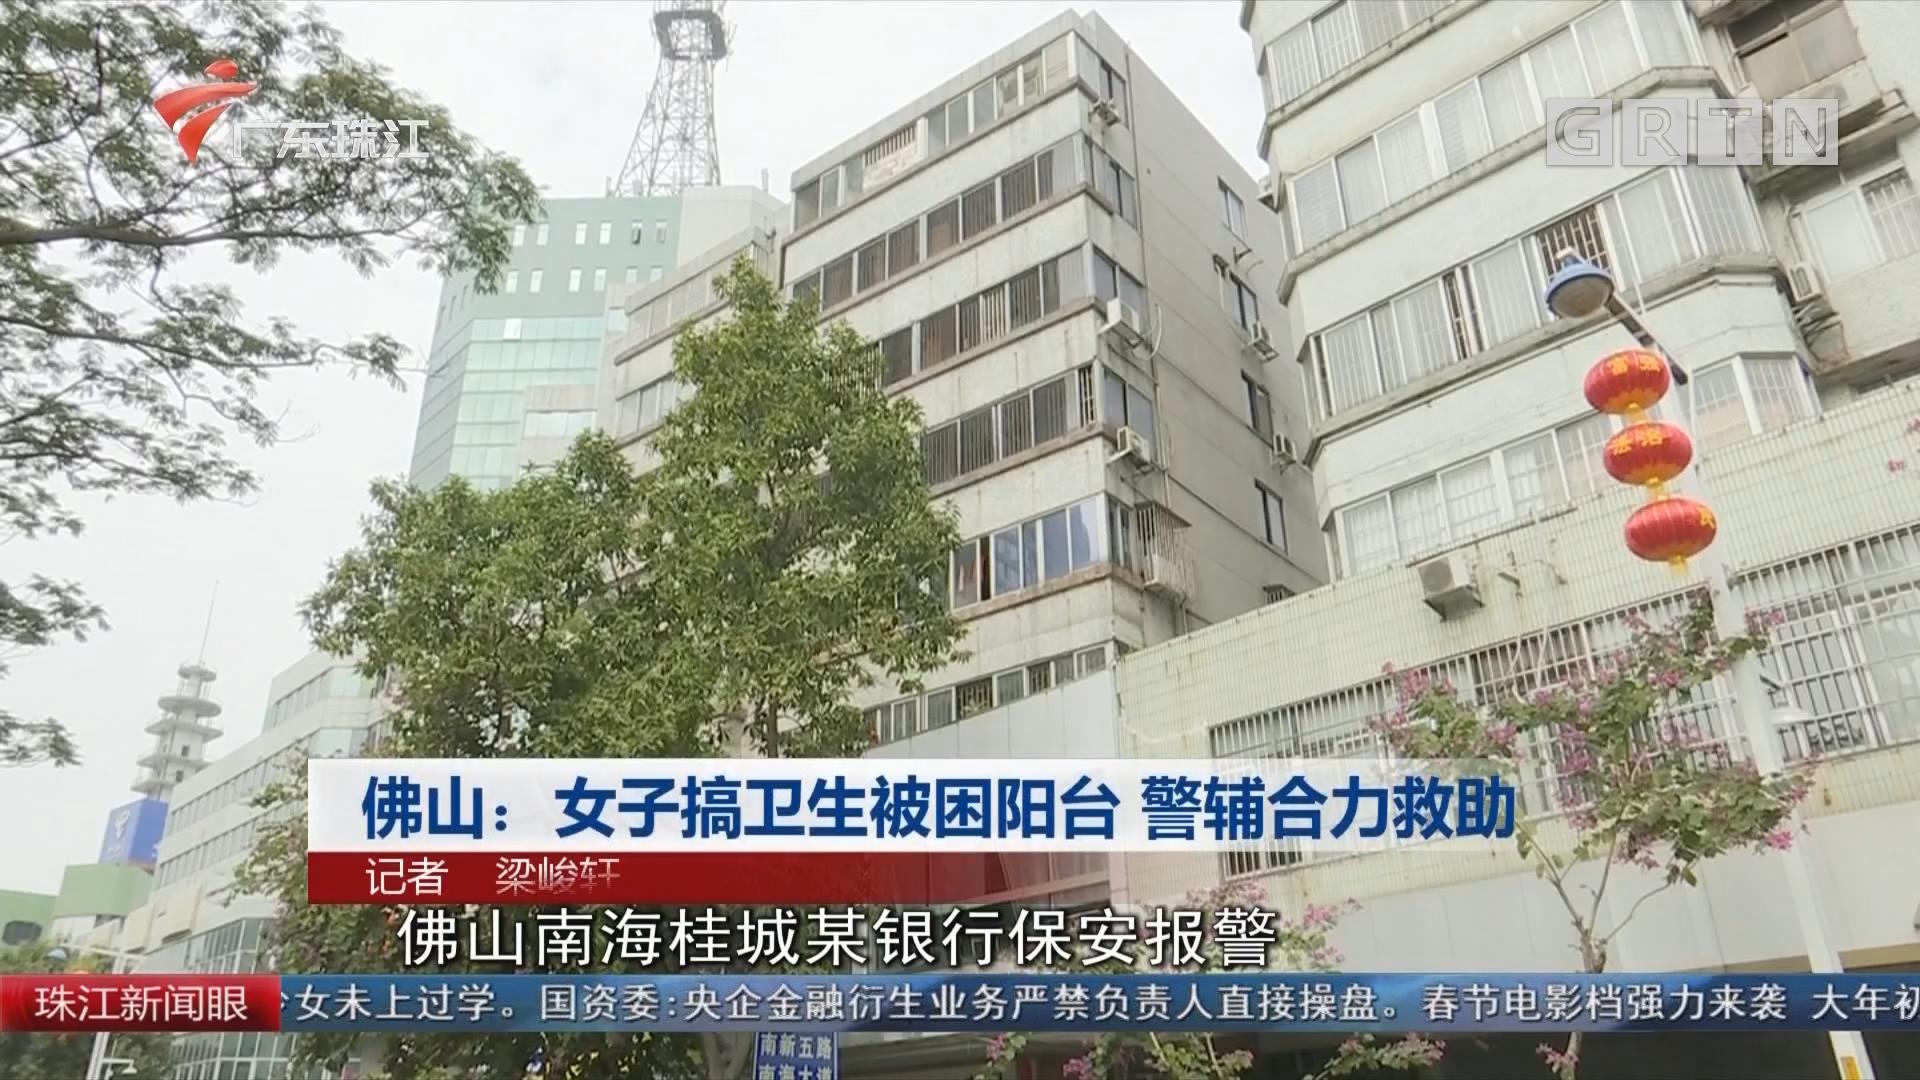 佛山:女子搞卫生被困阳台 警辅合力救助